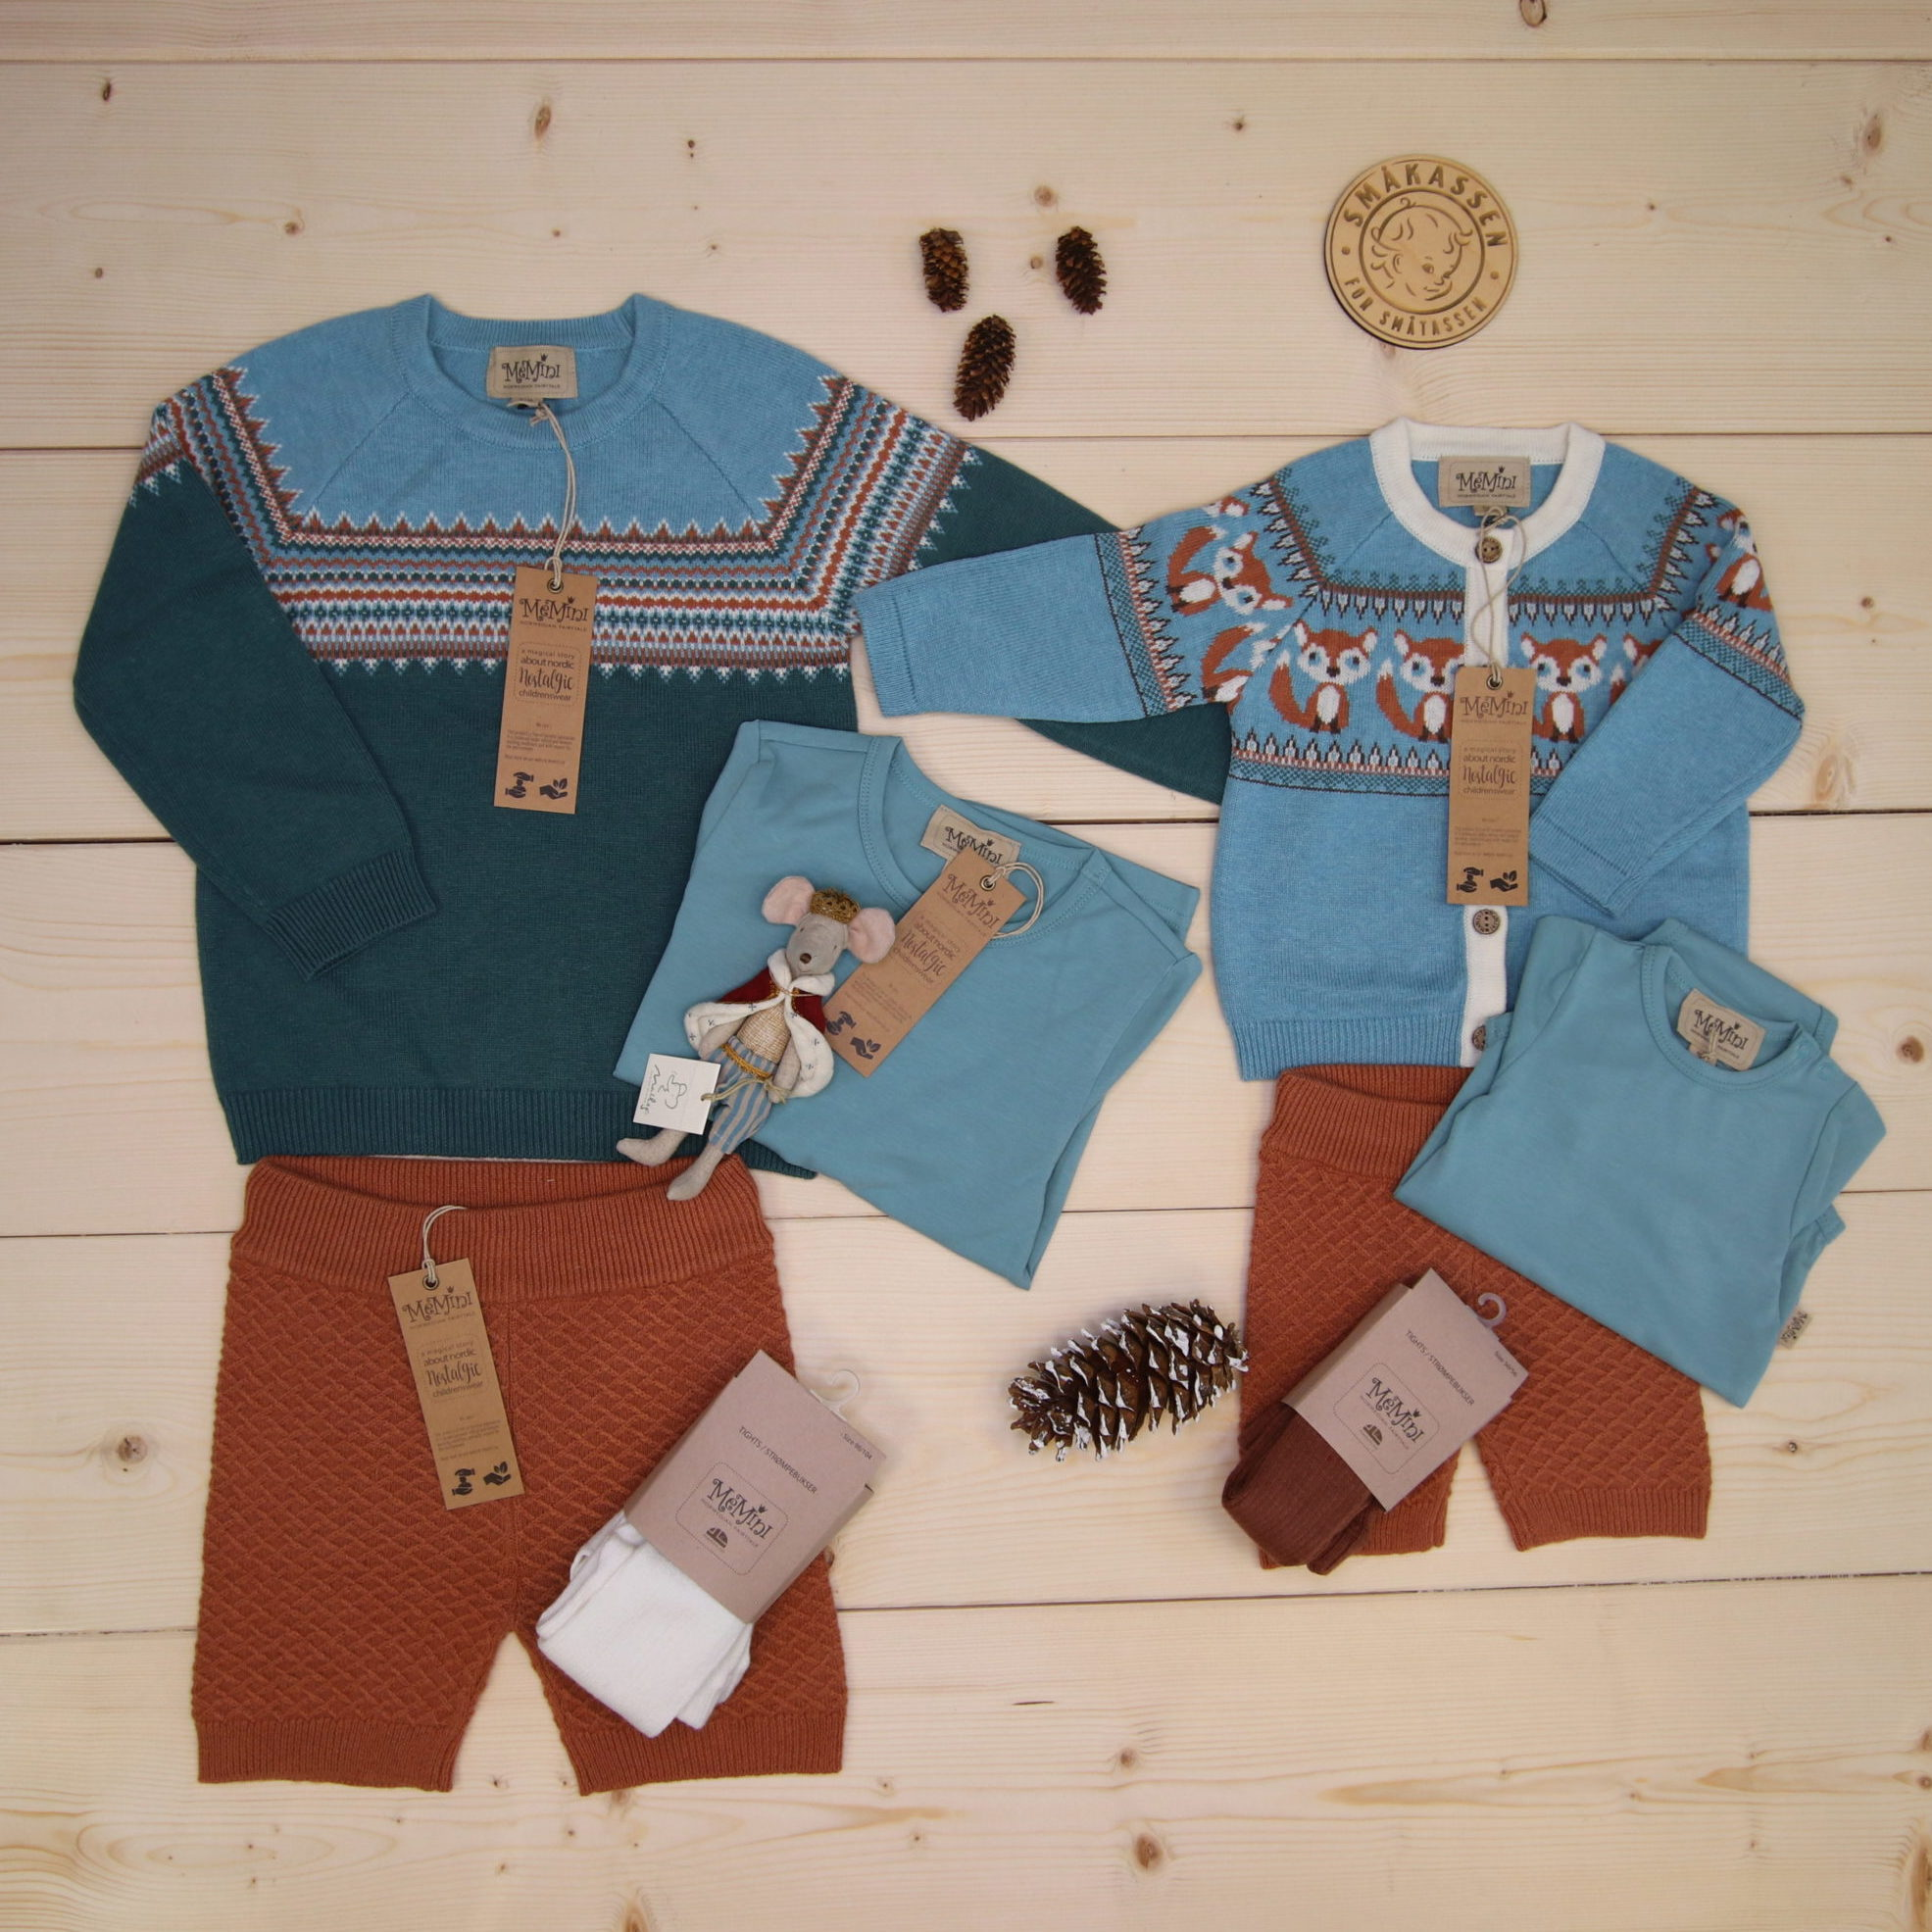 Matching outfits for siblings from MeMini 🧡🦊  #memini @memini.no  Dette er Småpakke som vi forberedte for en gutt i stilen cute